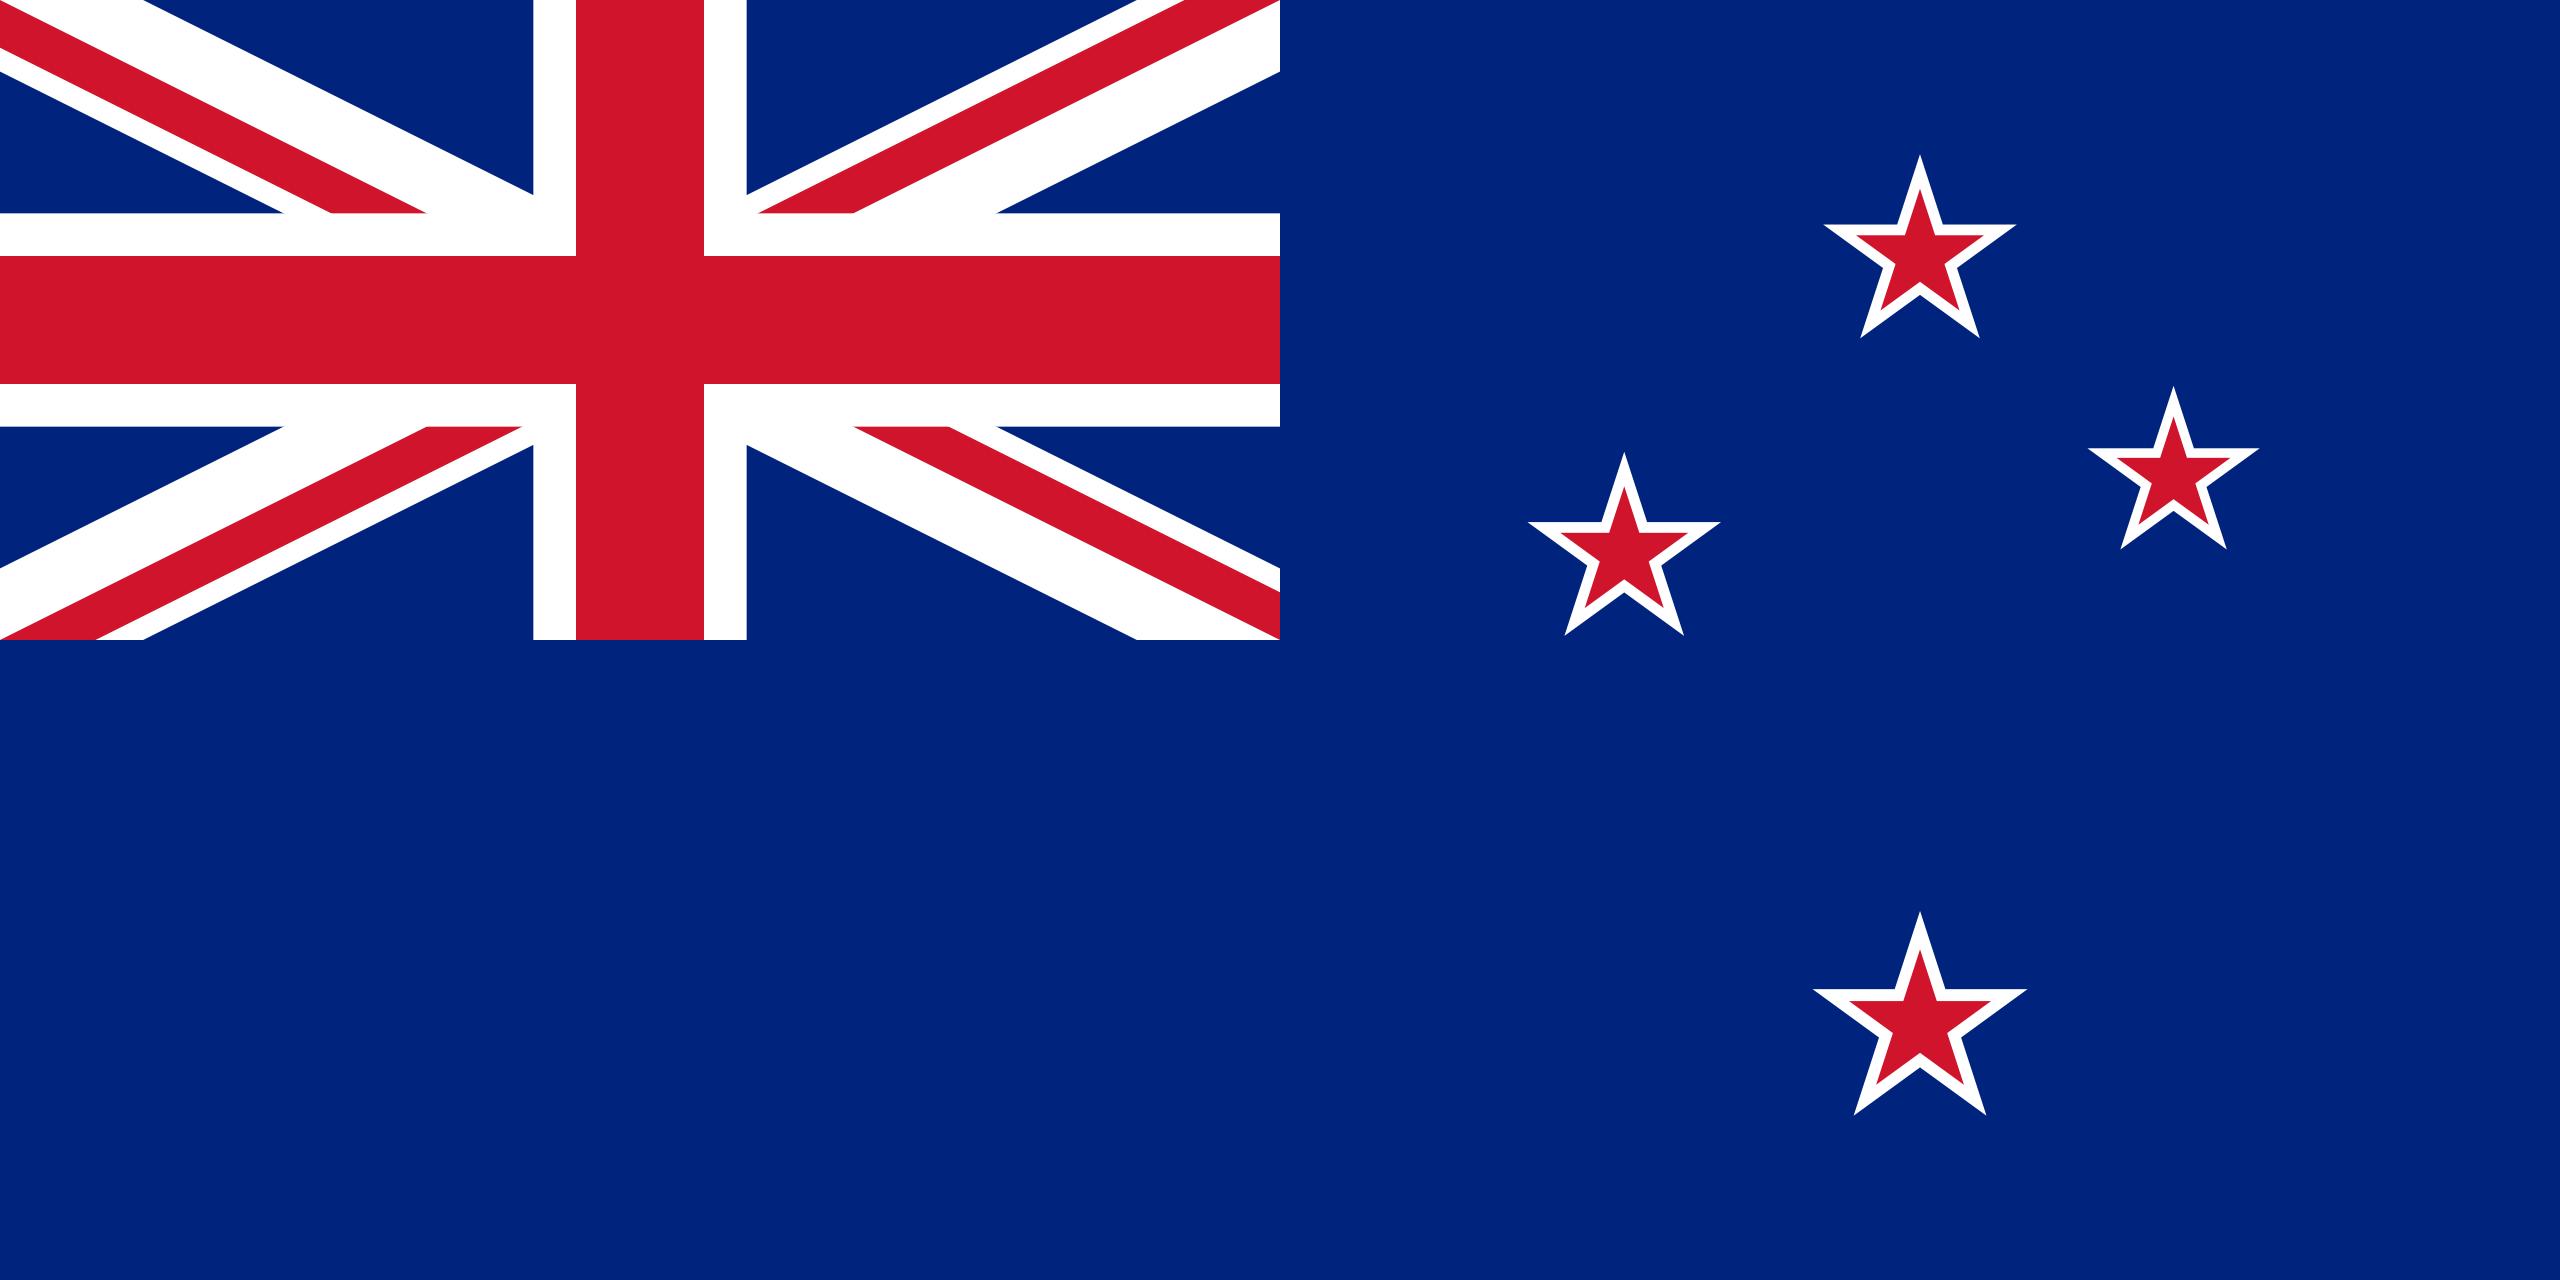 nueva zelanda, país, emblema, insignia, símbolo - Fondos de Pantalla HD - professor-falken.com